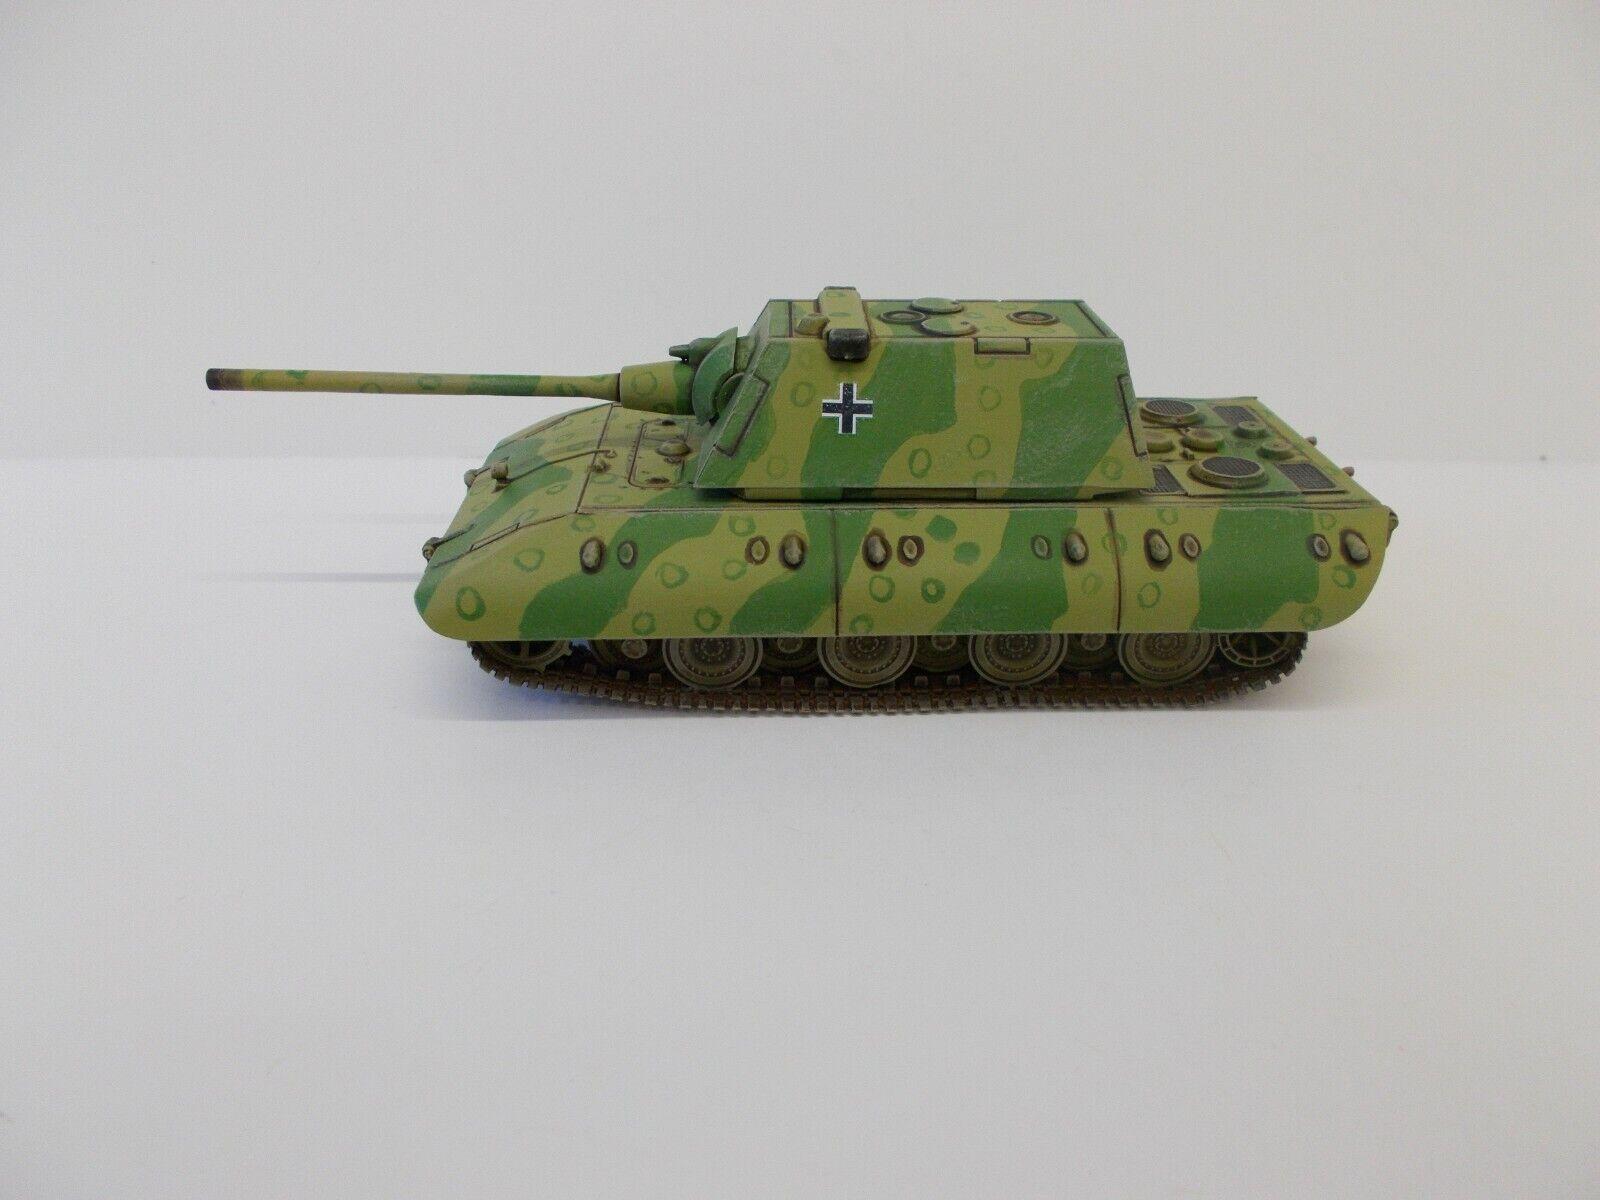 Venta al por mayor barato y de alta calidad. 1 72 Segunda Segunda Segunda Guerra Mundial construido & Pintado German E-100 Ausf C  ahorra hasta un 70%